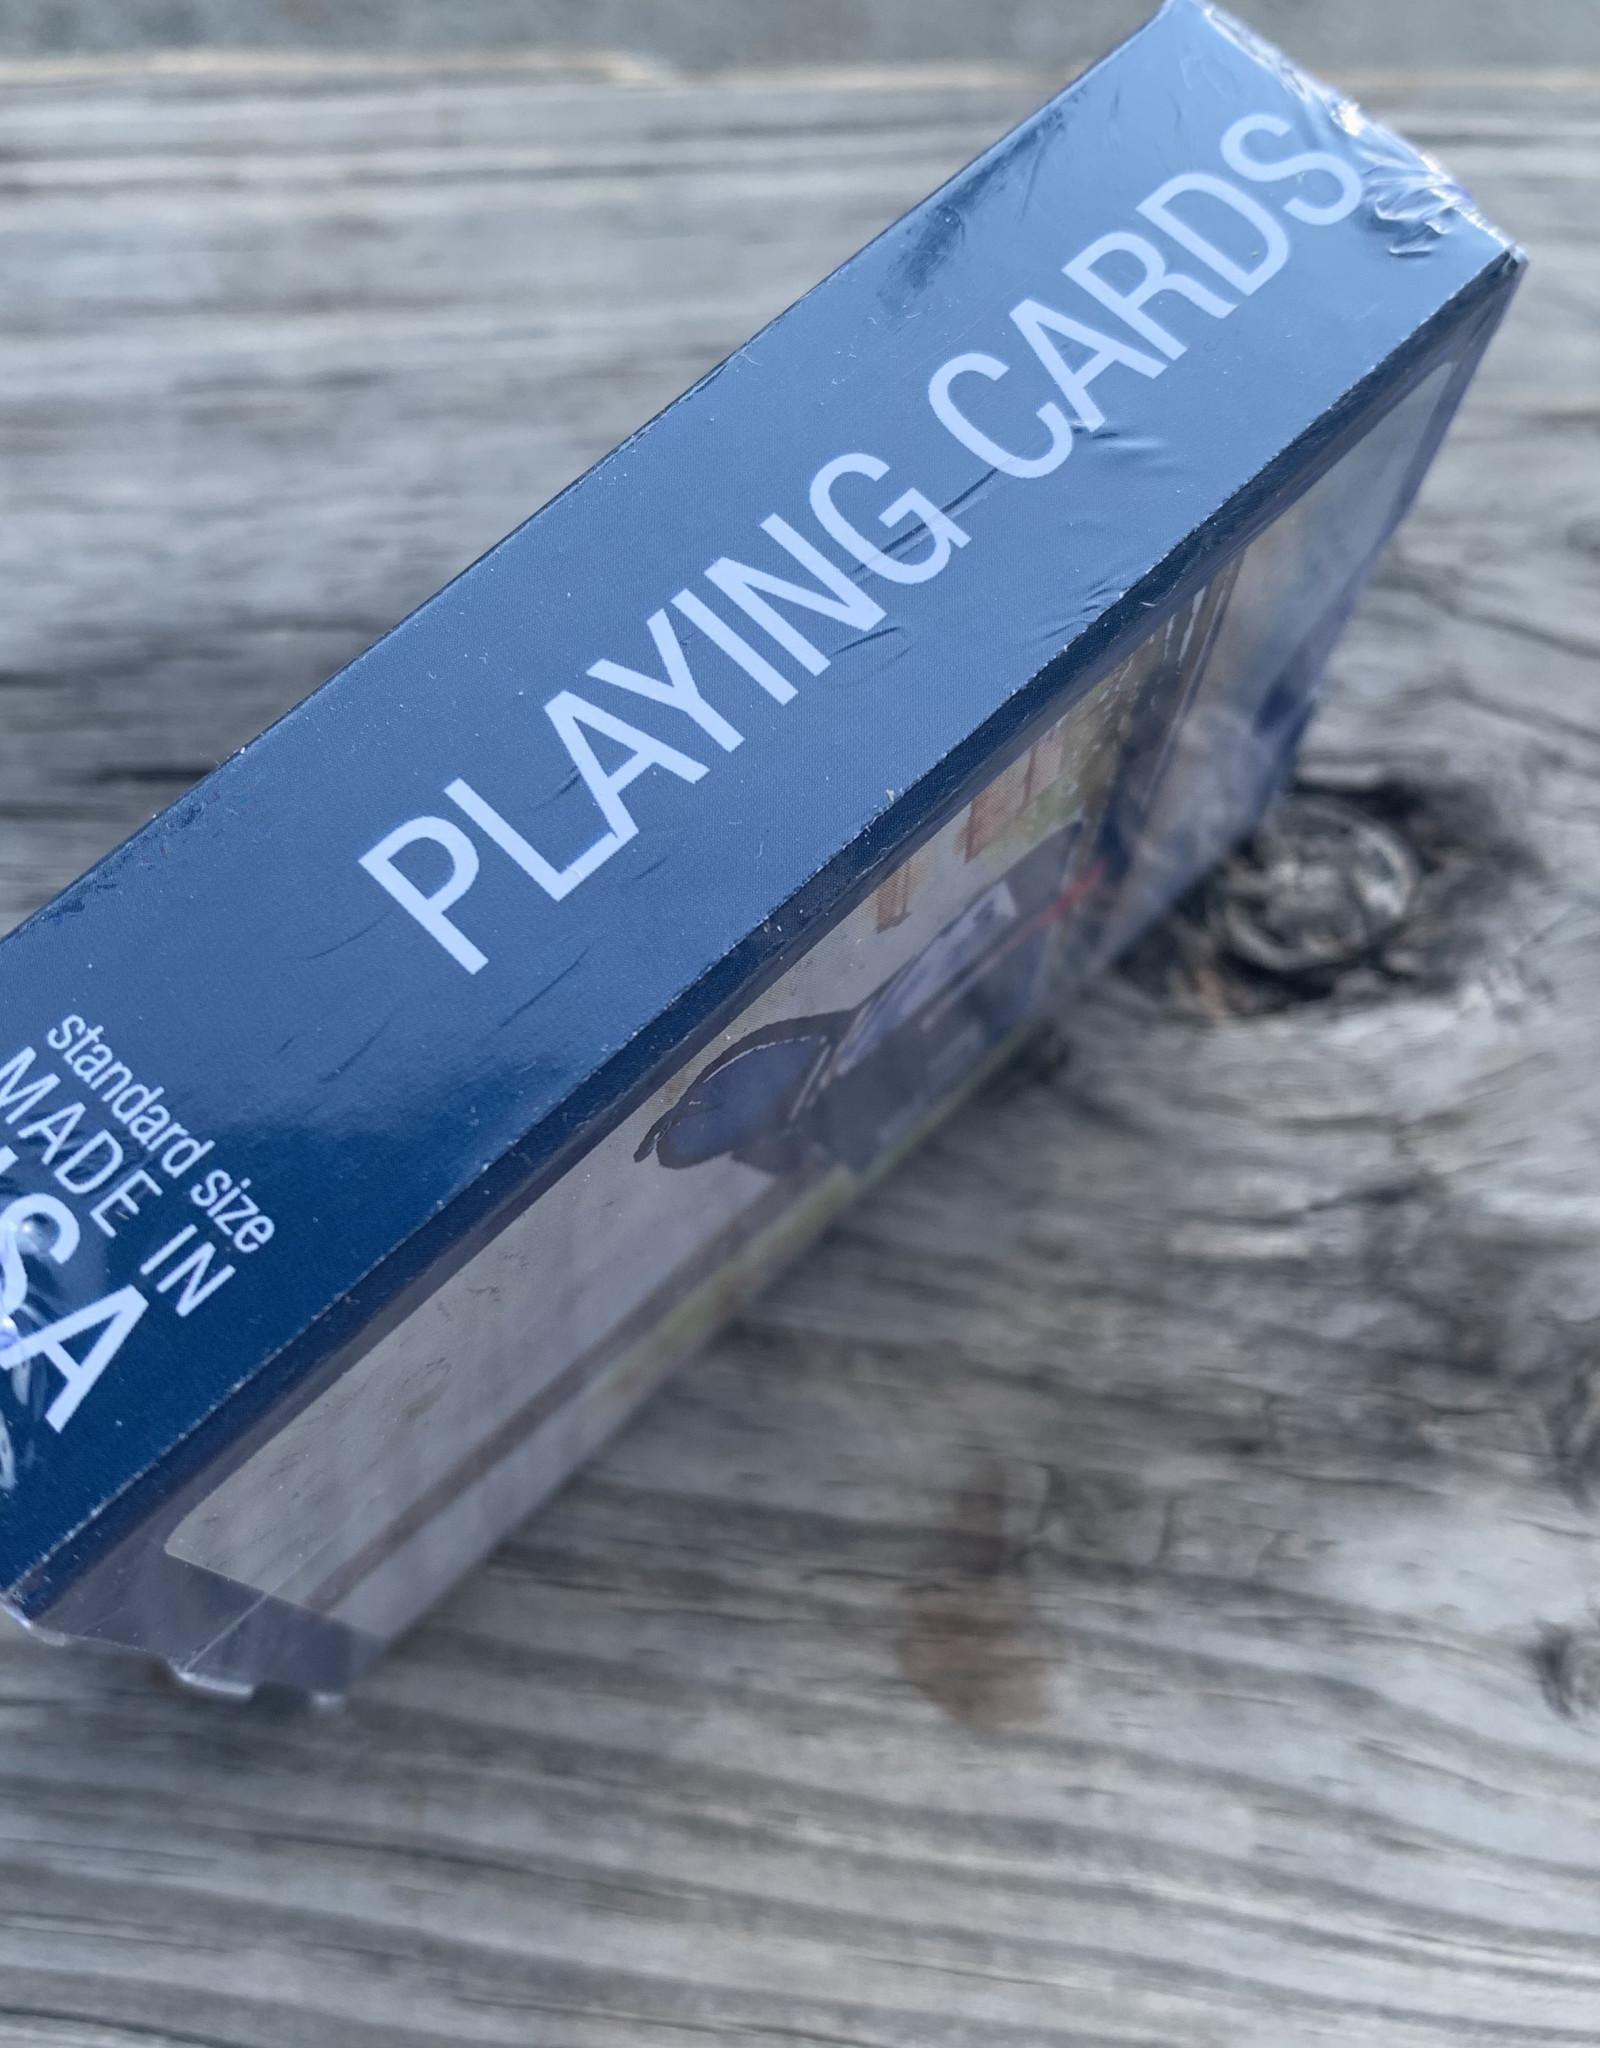 PLAYING CARDS KS MAILBOX CLOSEUP